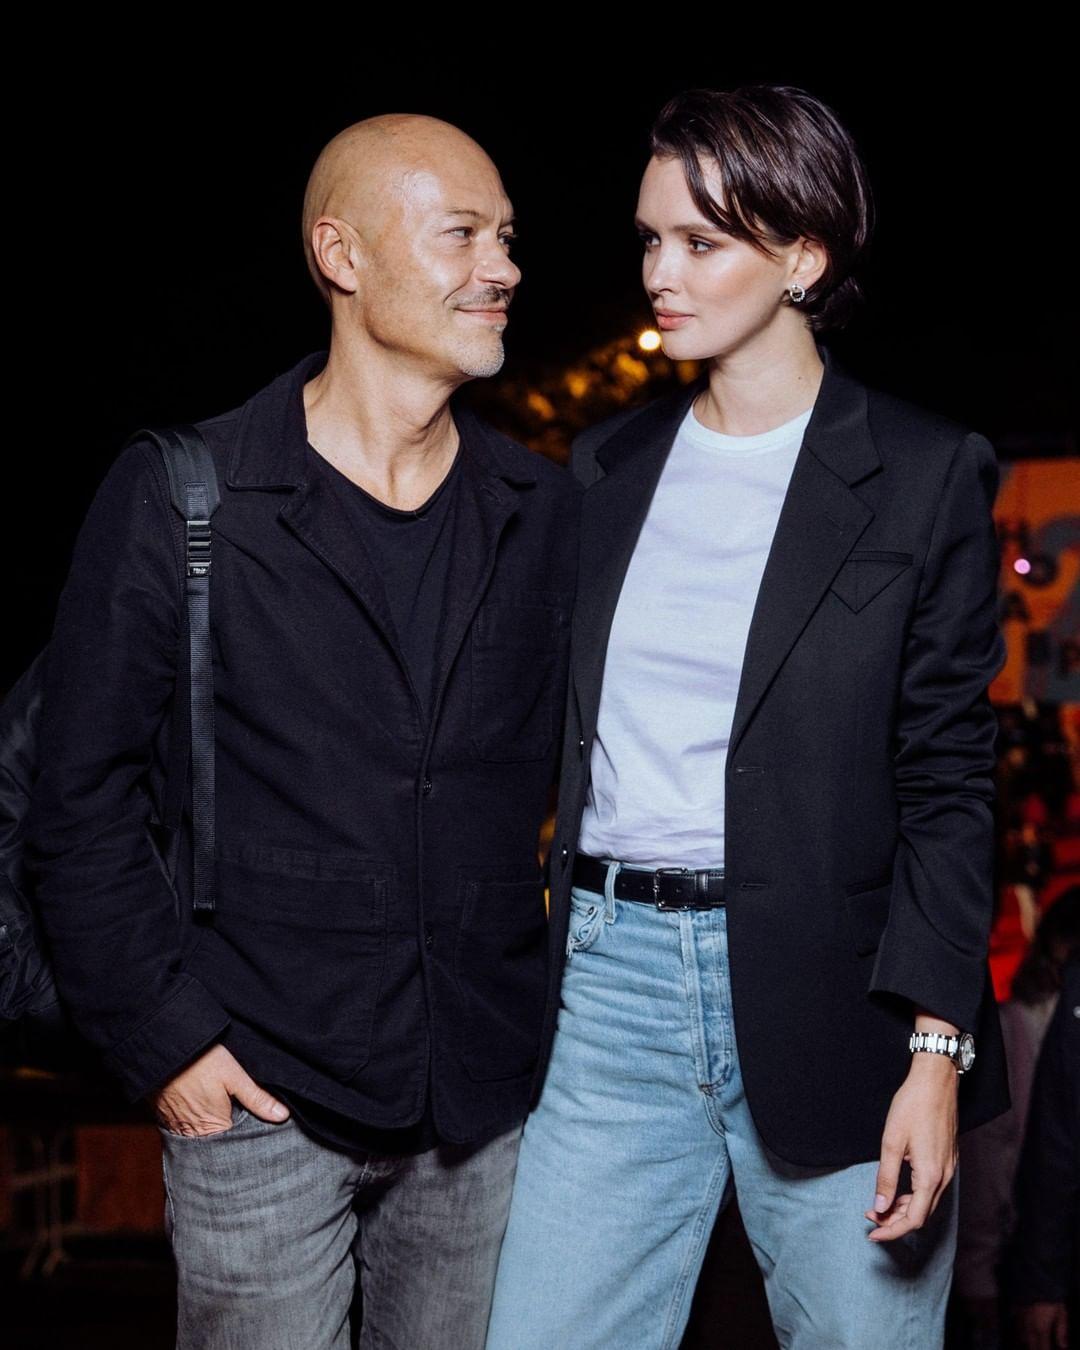 Паулина Андреева и Федор Бондарчук появились на премьере фильма в Сочи в стильных нарядах